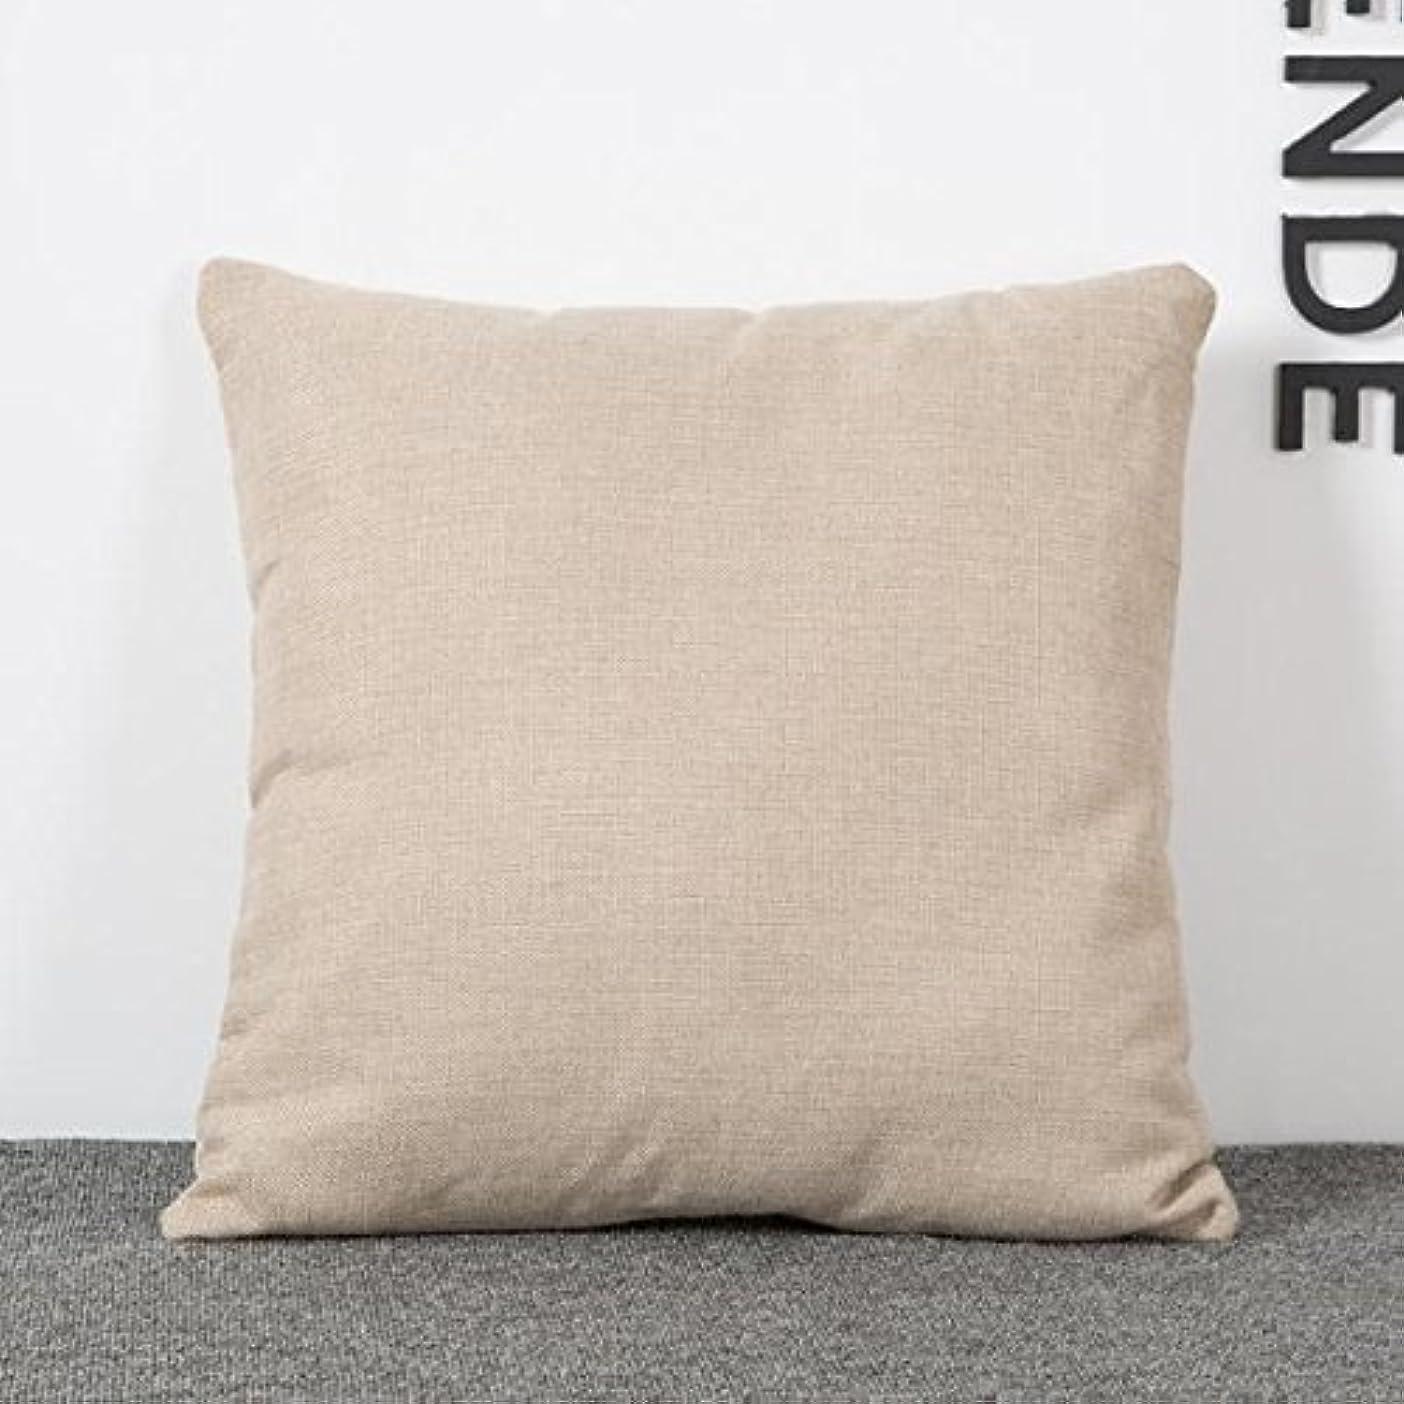 体操説明する群集B Blesiya 蝶の綿の腰投げ枕カバーソファのクッションカバー家の装飾#2